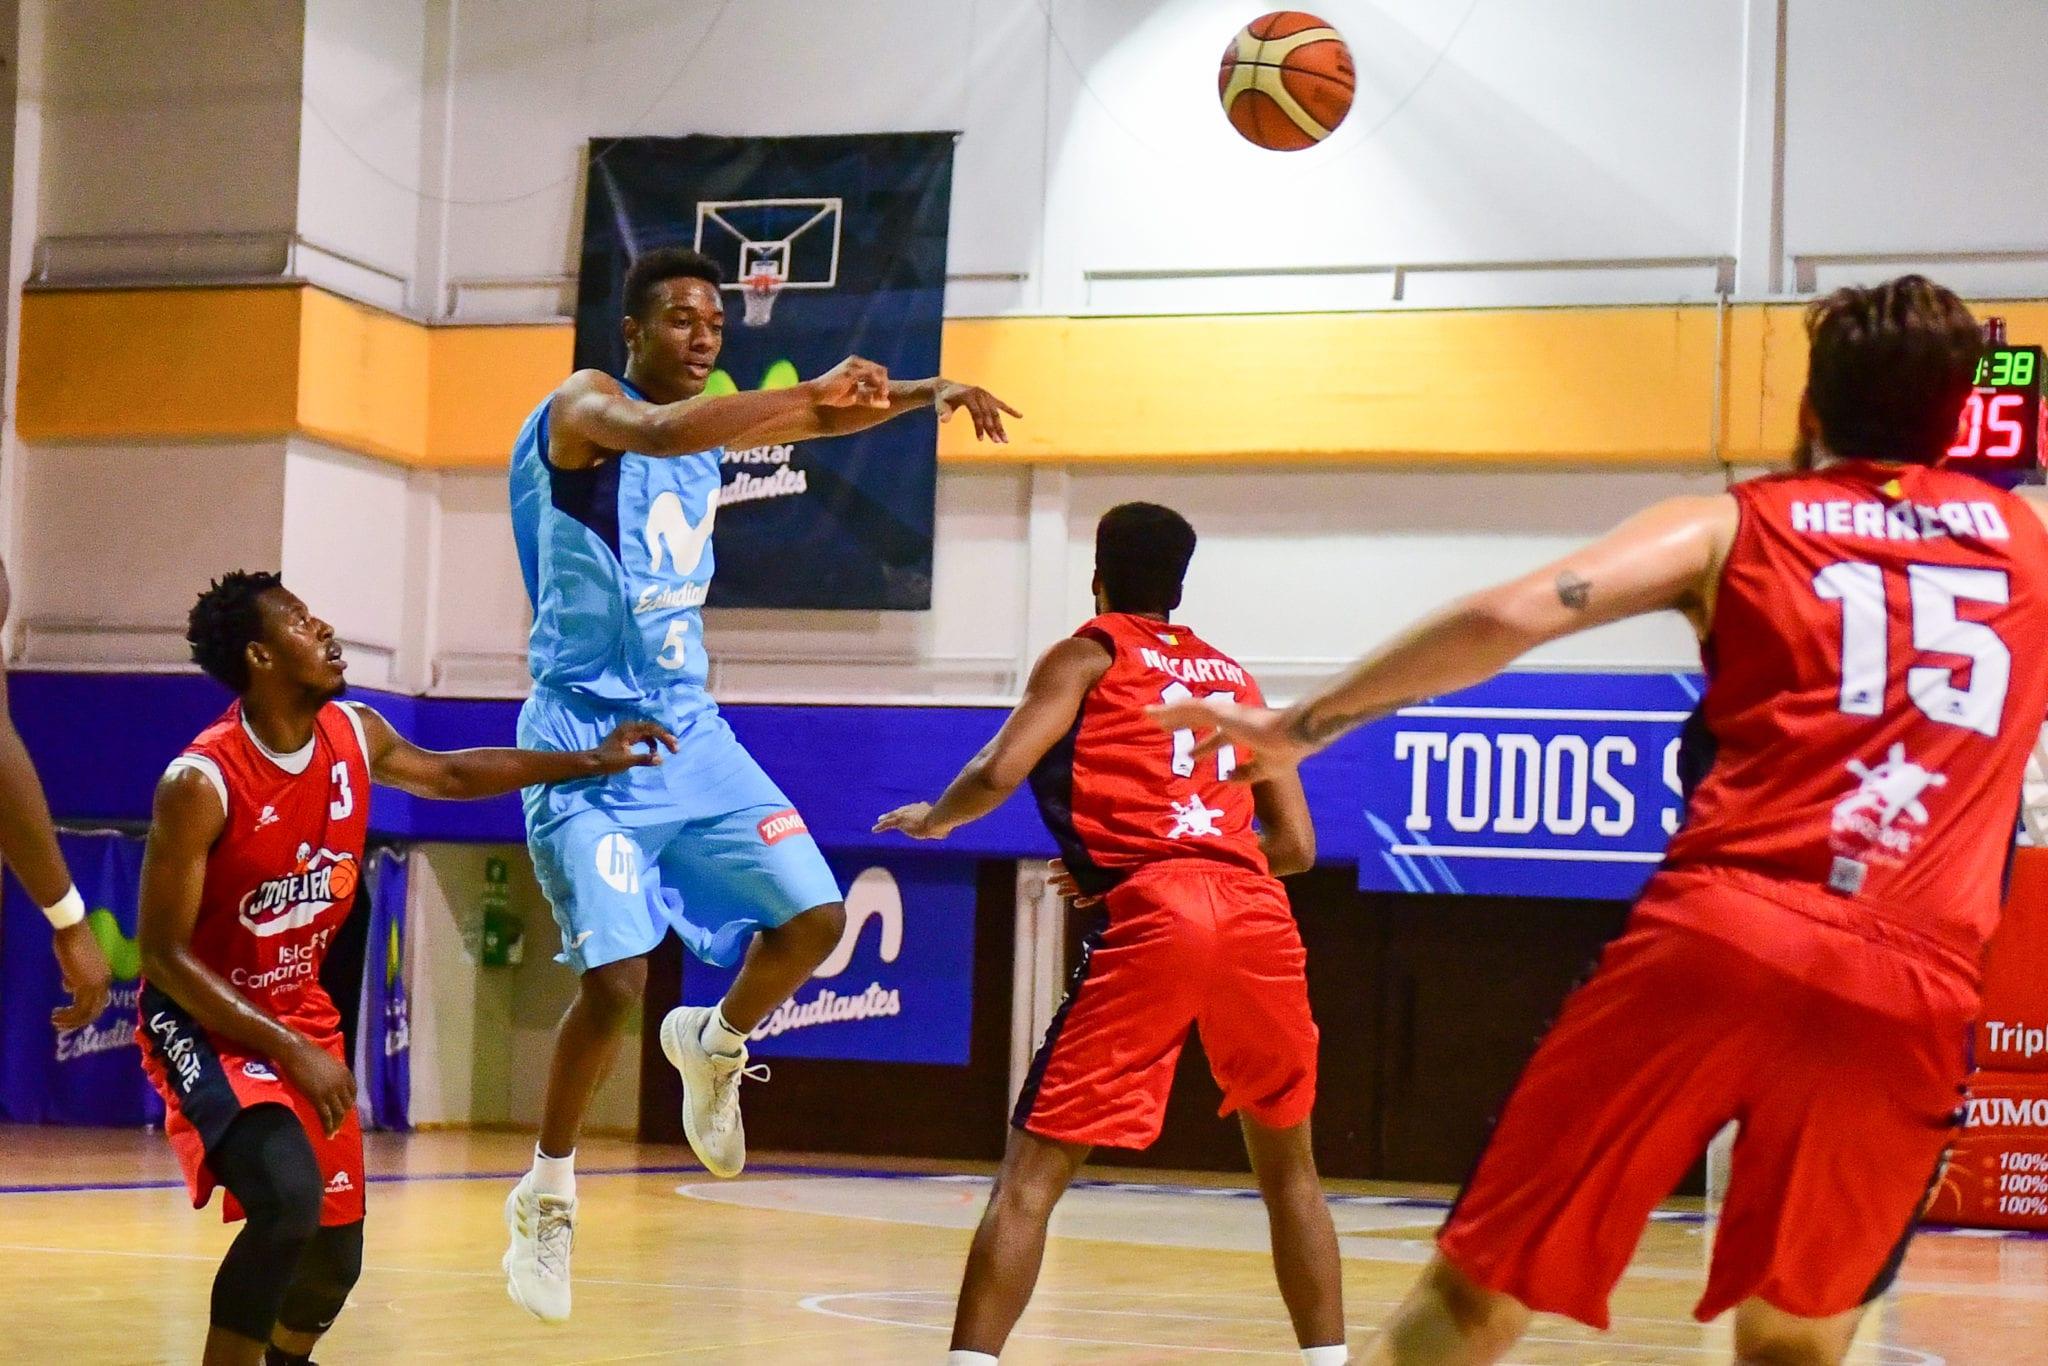 EBA: defensa e inspiración para la 4ª victoria (58-51)